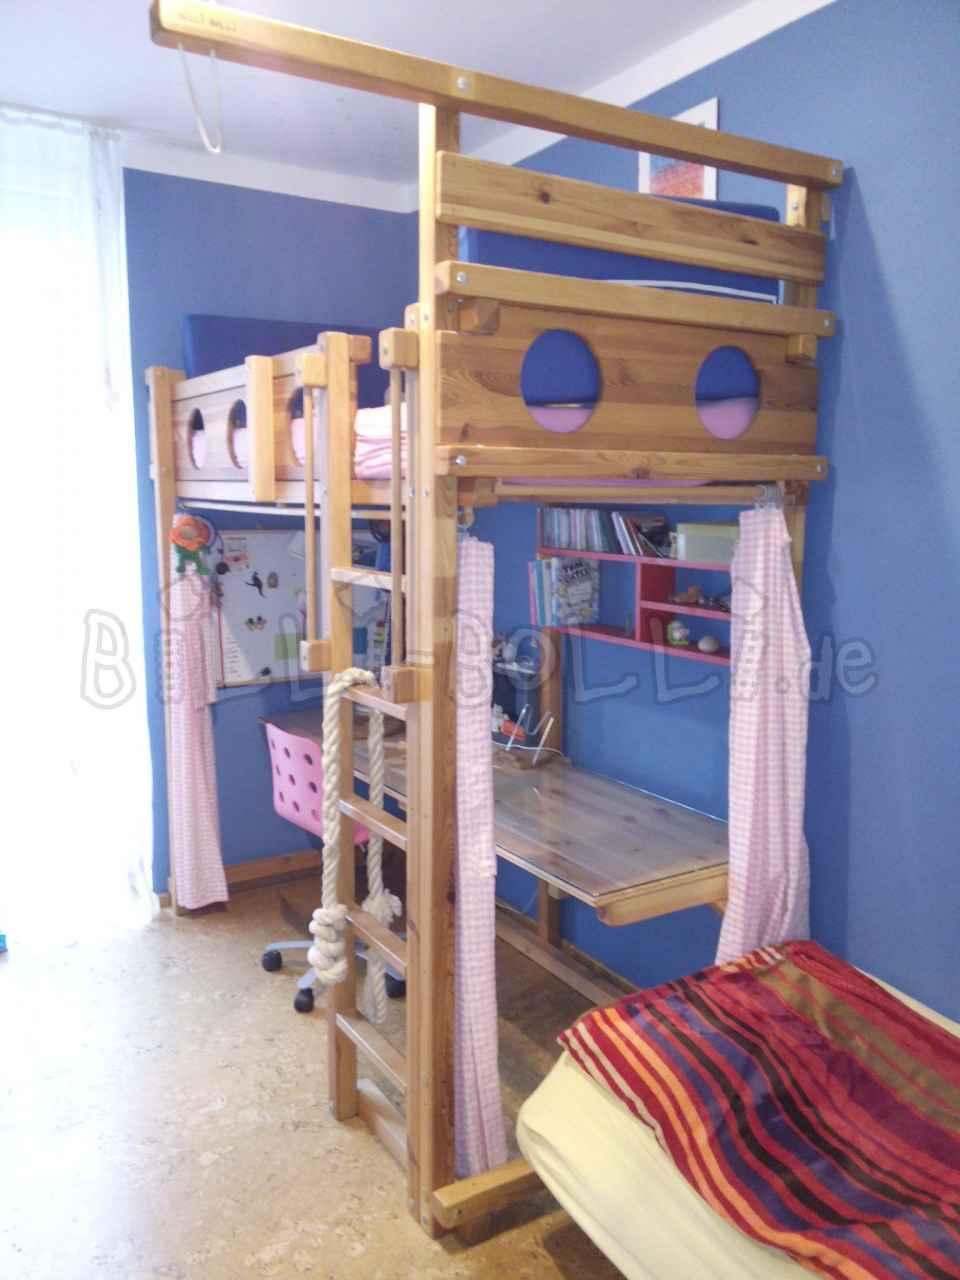 secondhand seite 17 billi bolli kinderm bel. Black Bedroom Furniture Sets. Home Design Ideas